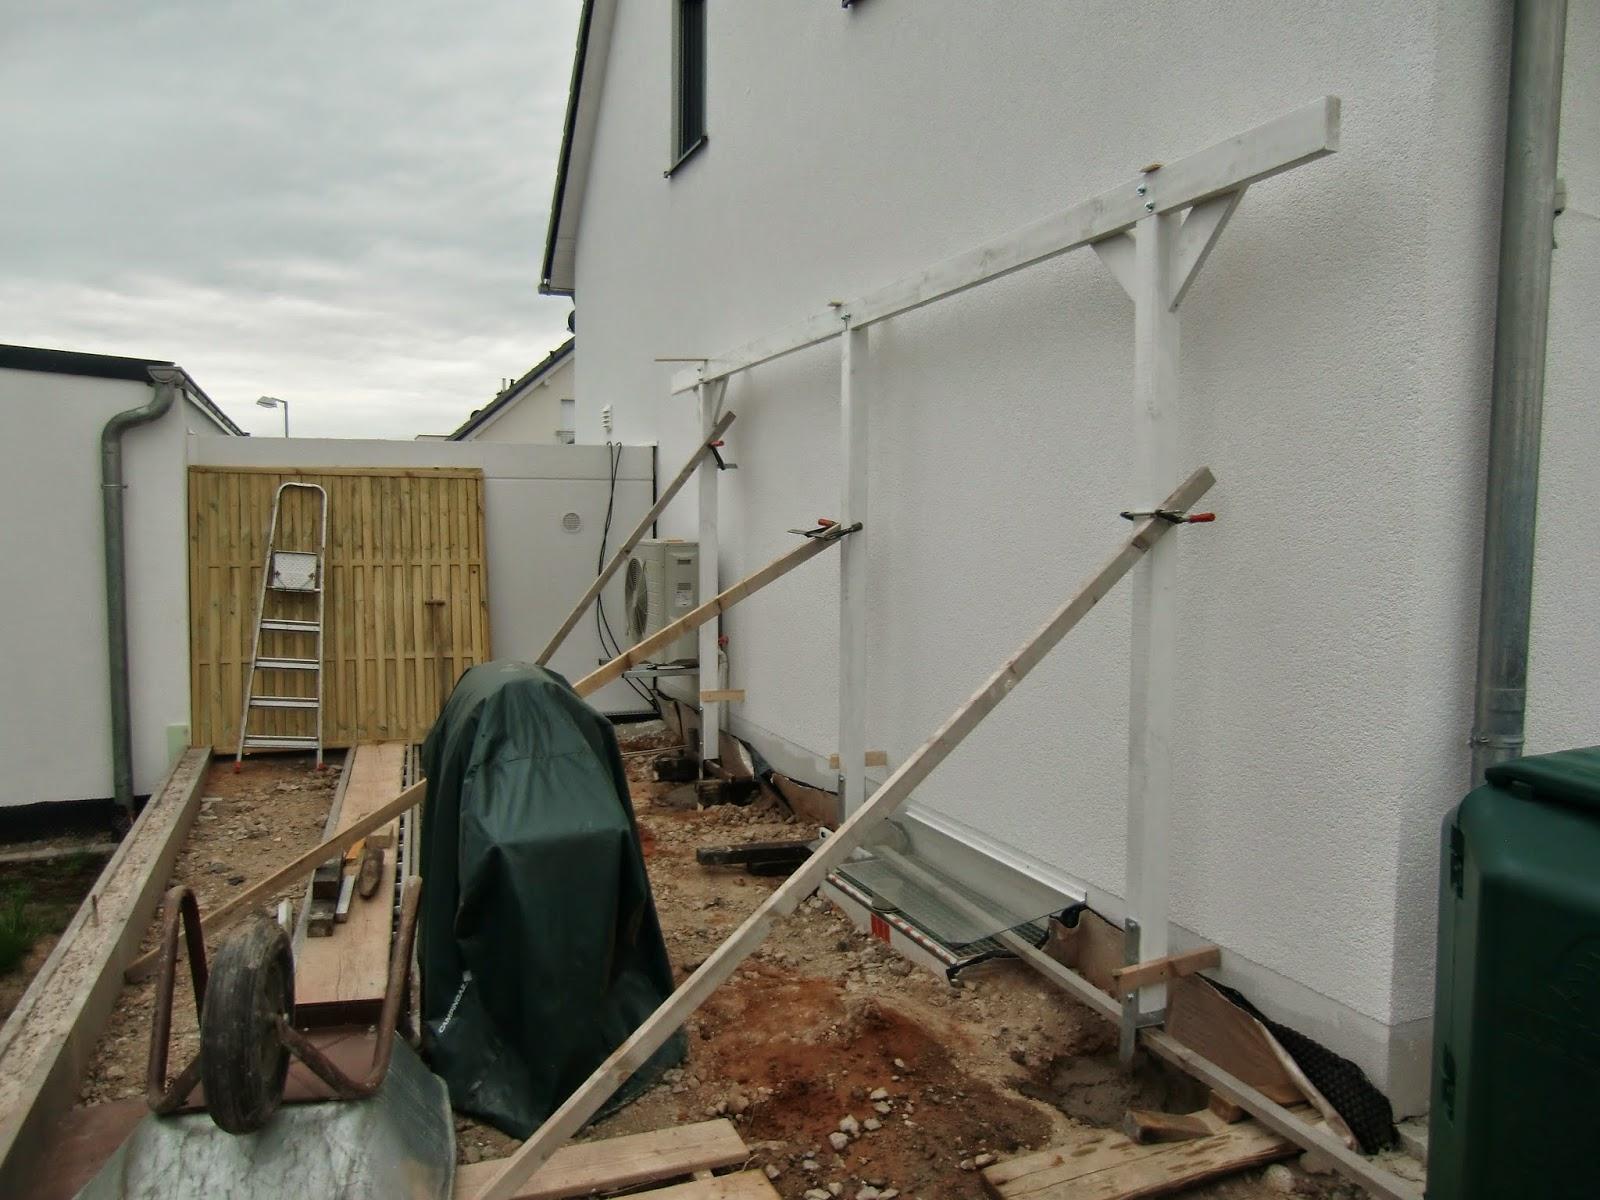 Für Unsere Terrasse Haben Wir Uns Für Einen Runden Pavillon Entschieden,  Geliefert Wurde Mal Wieder Der Falsche, Nämlich Ein Rechteckiger.